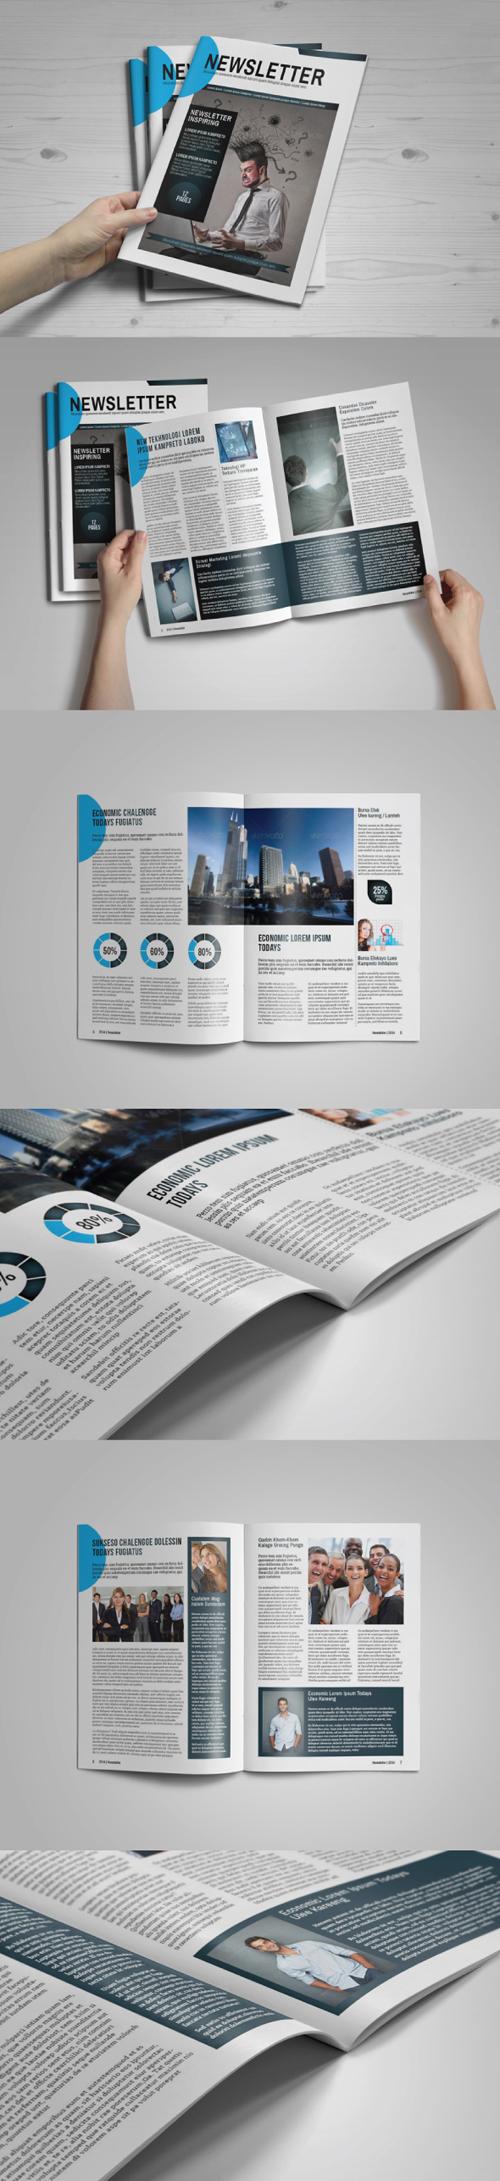 Multipurpose Newsletter Brochure Template